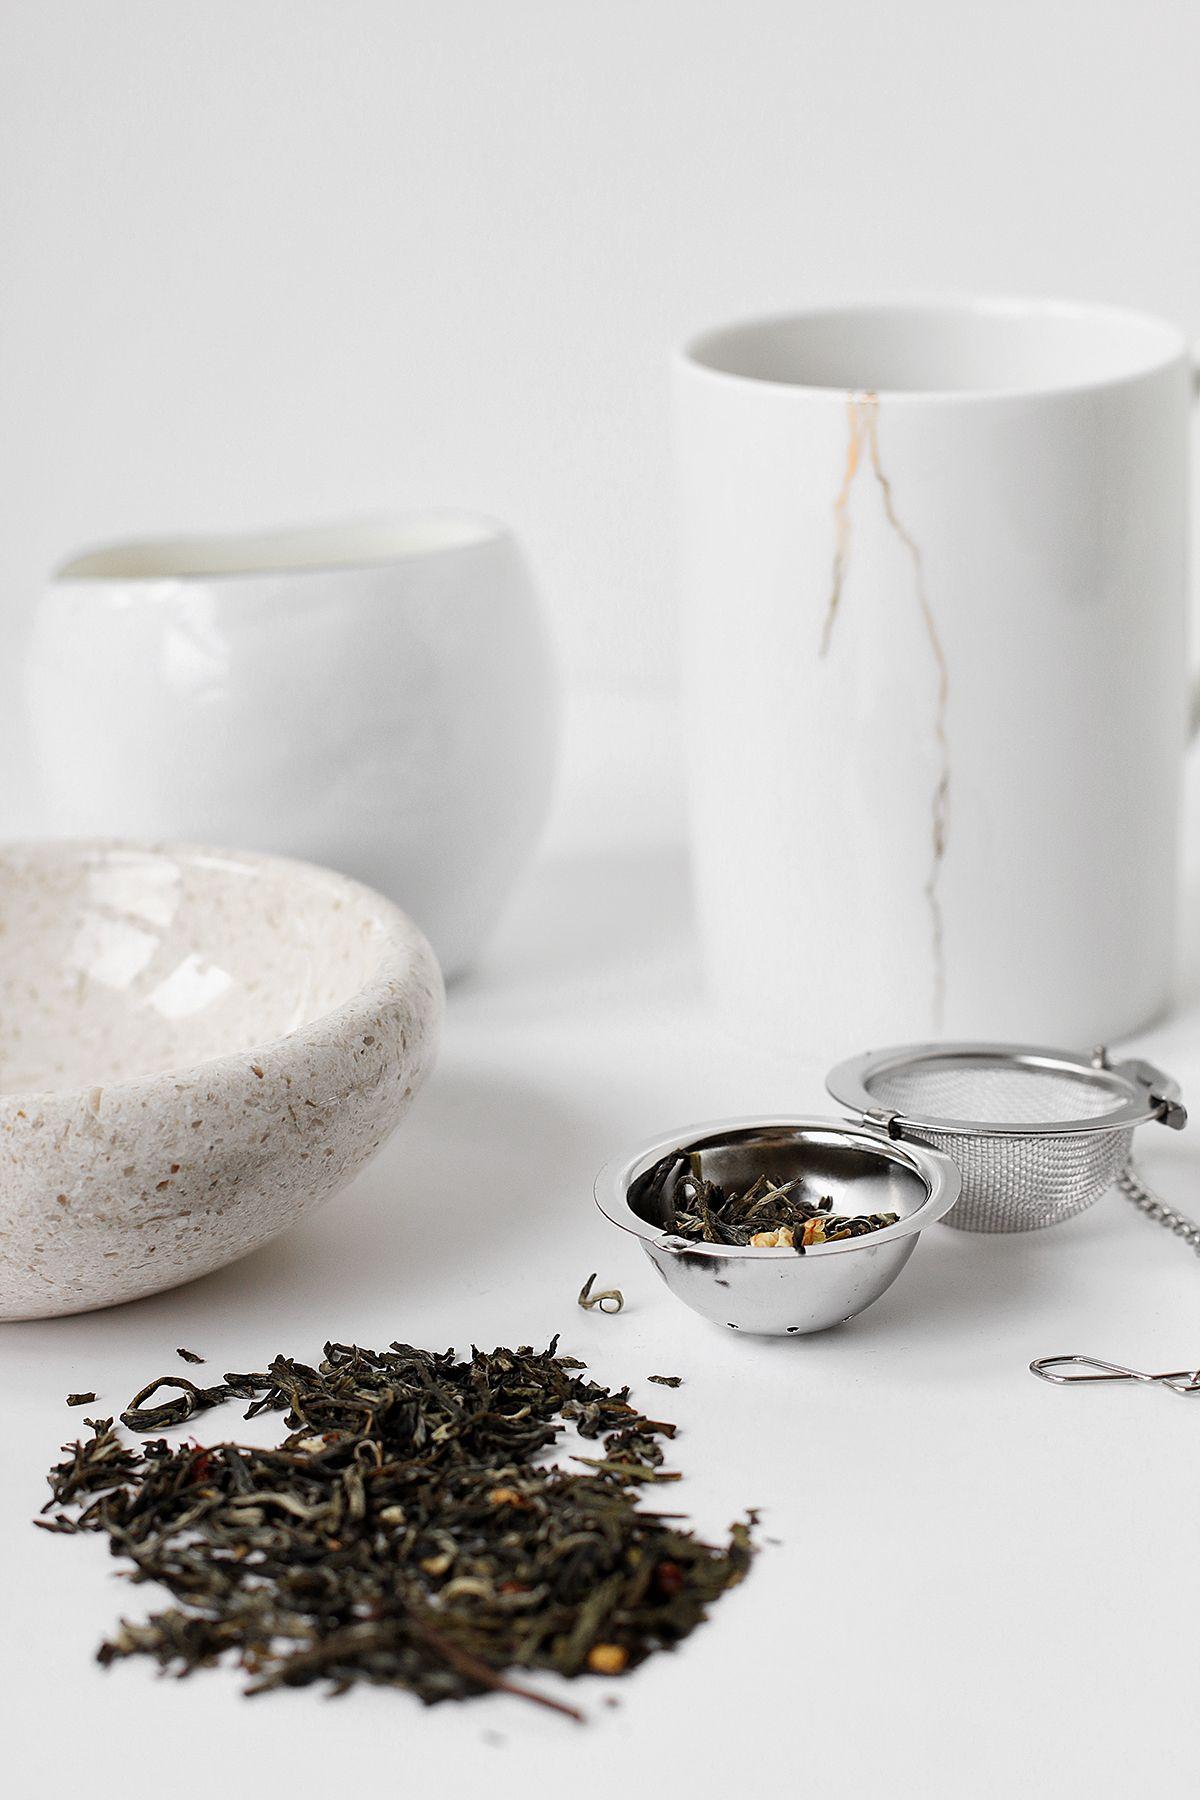 làm kem dưỡng da mặt với trà xanh